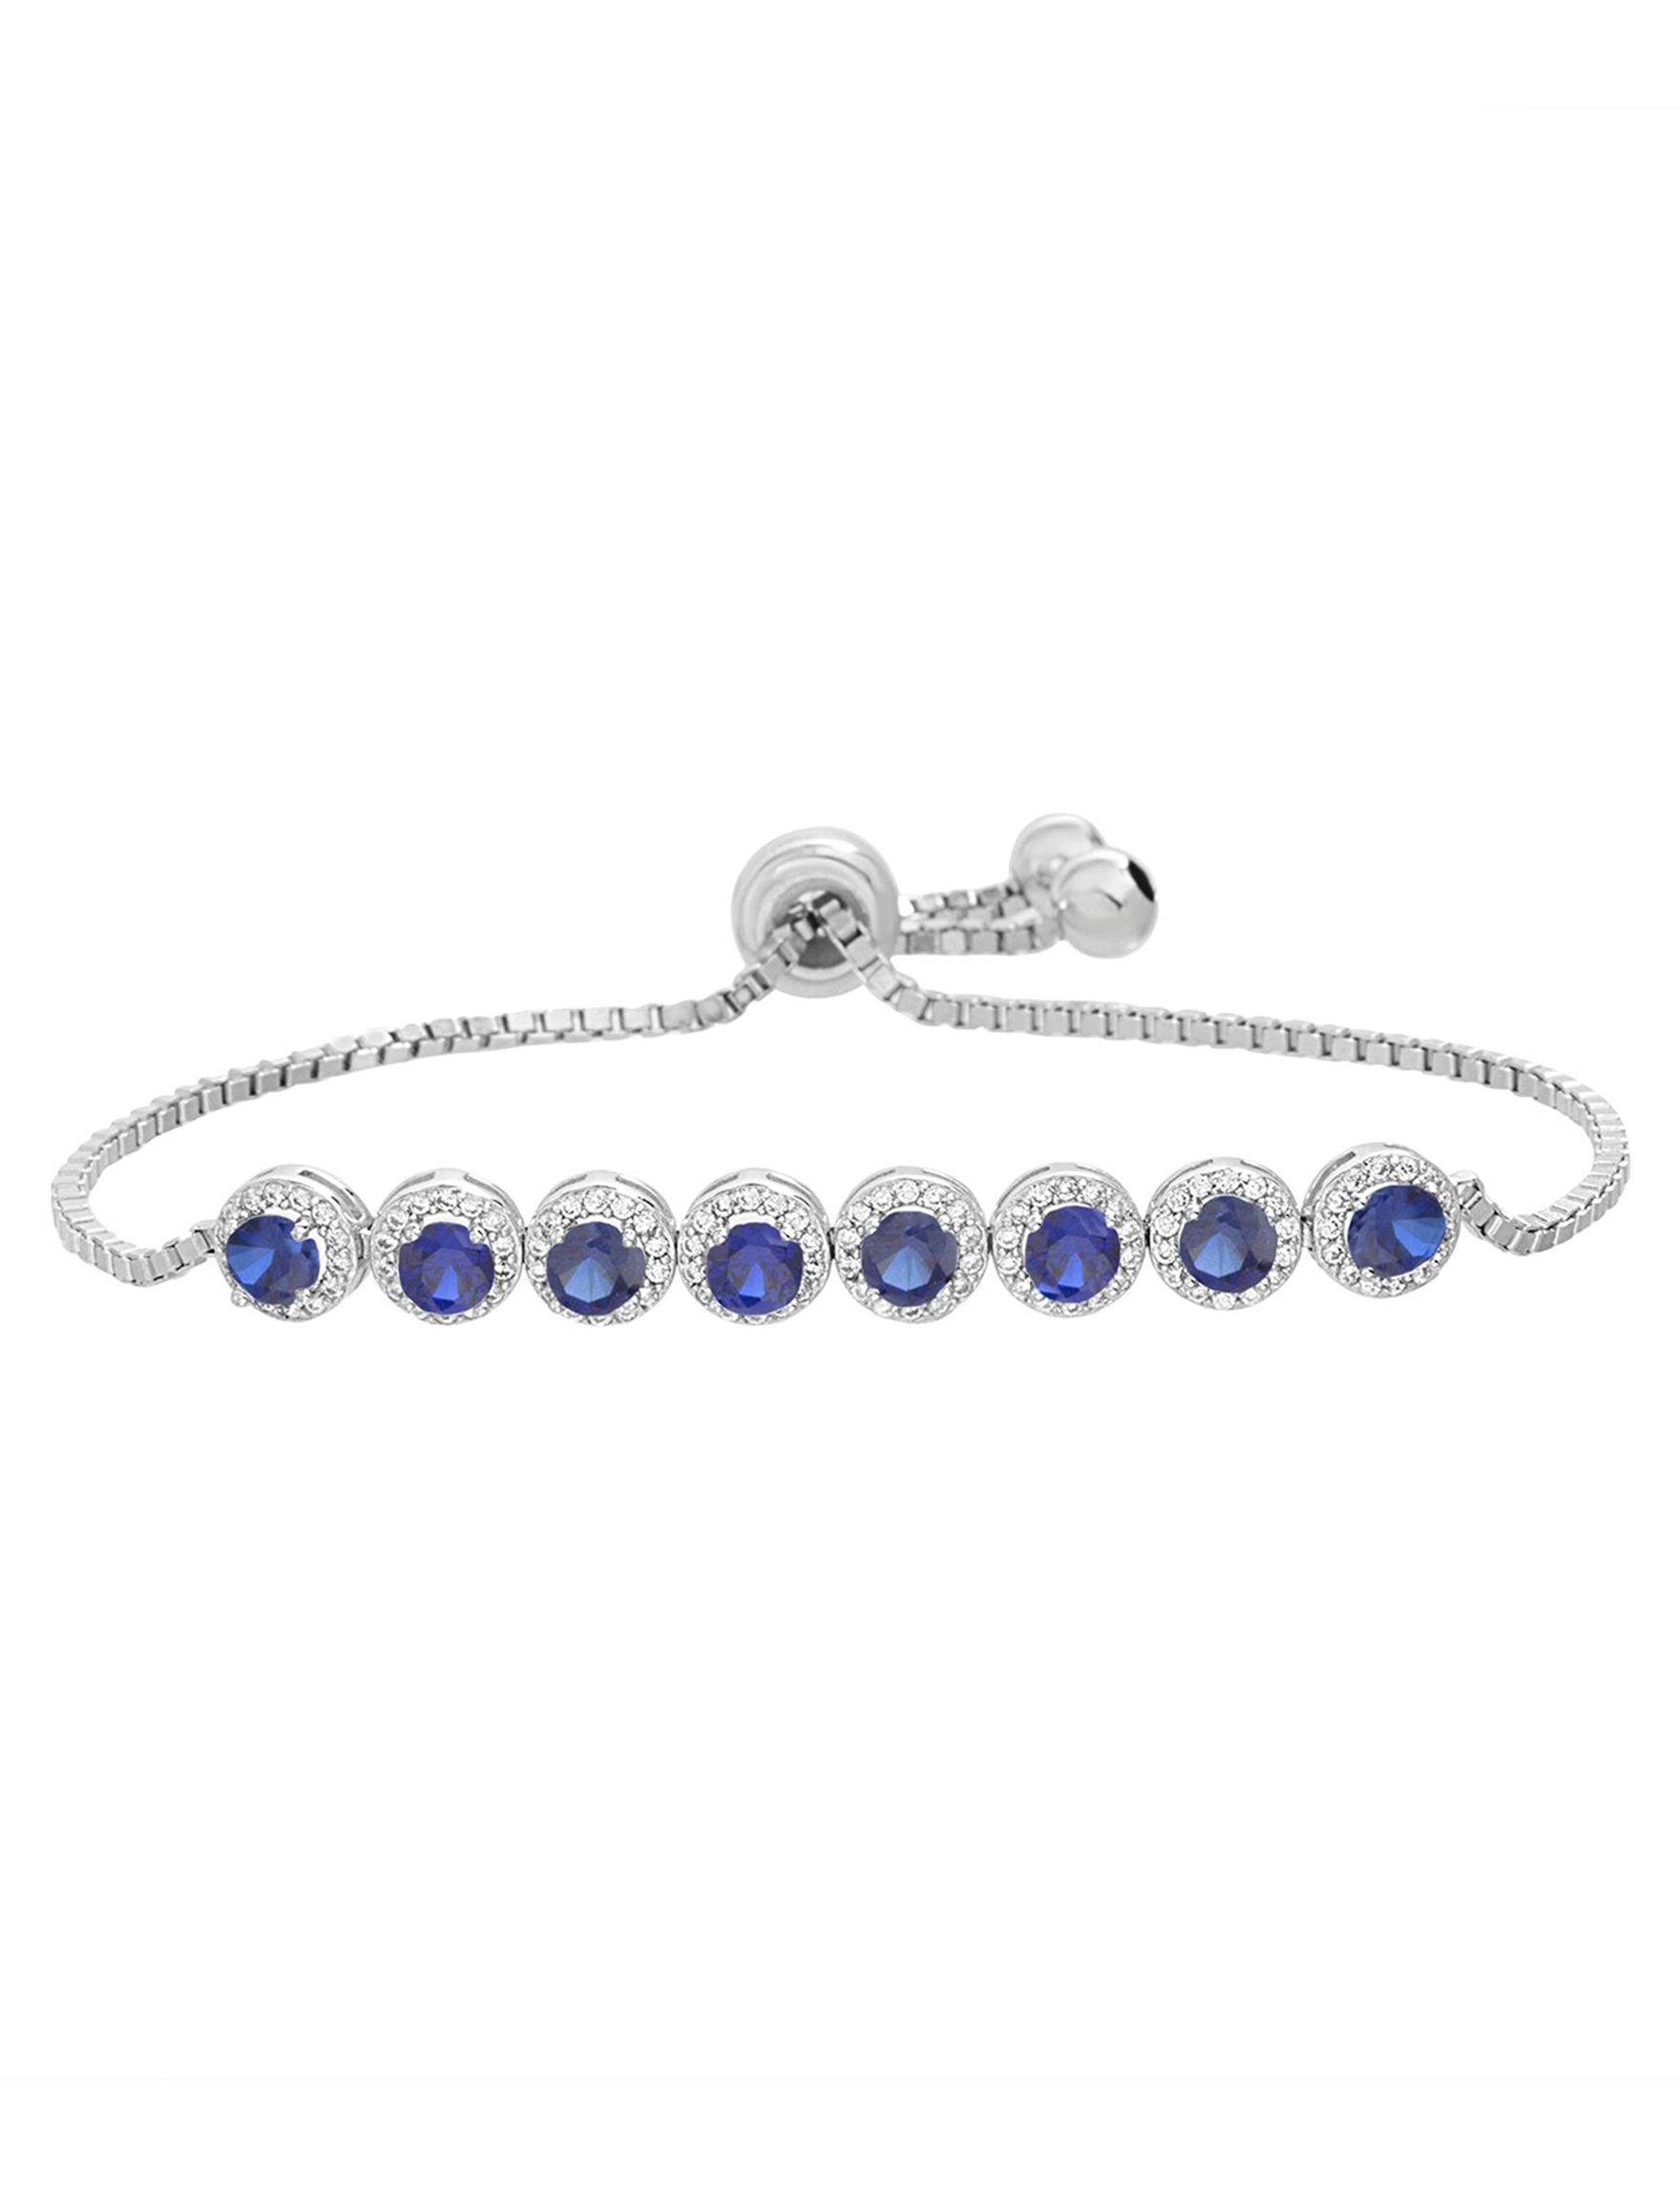 NES Sterling Silver Bracelets Fine Jewelry